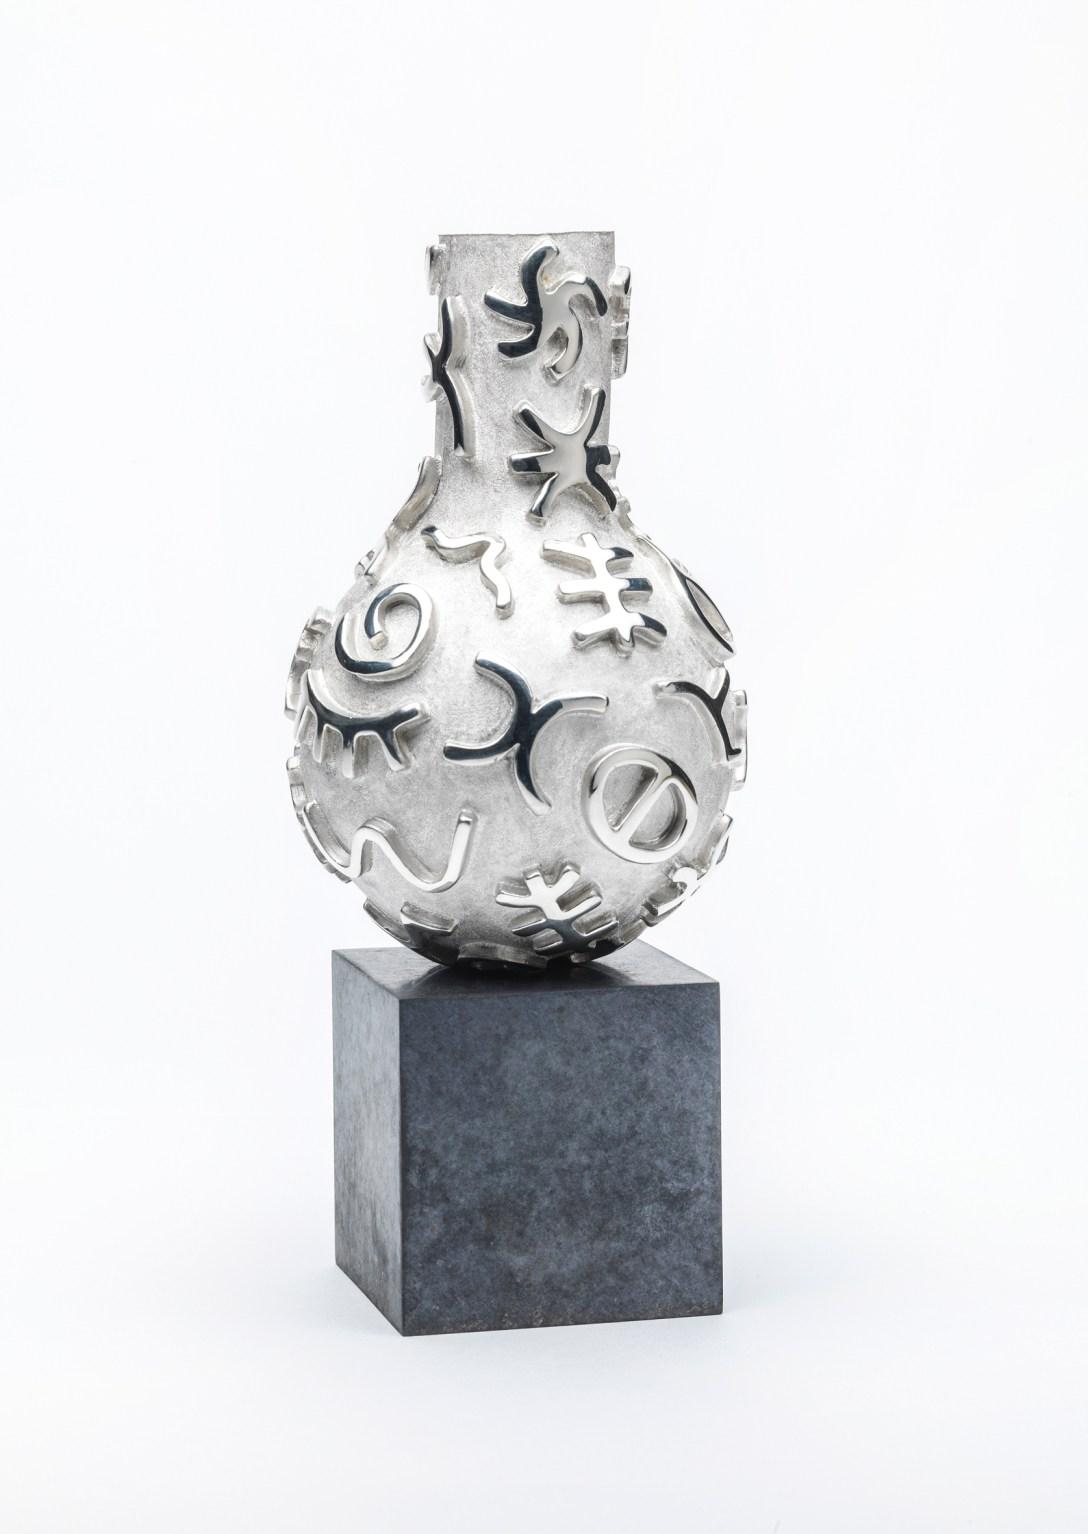 'Silver' 'Casting' of Jon Buck's 'Sculpture' Argentum Vivum